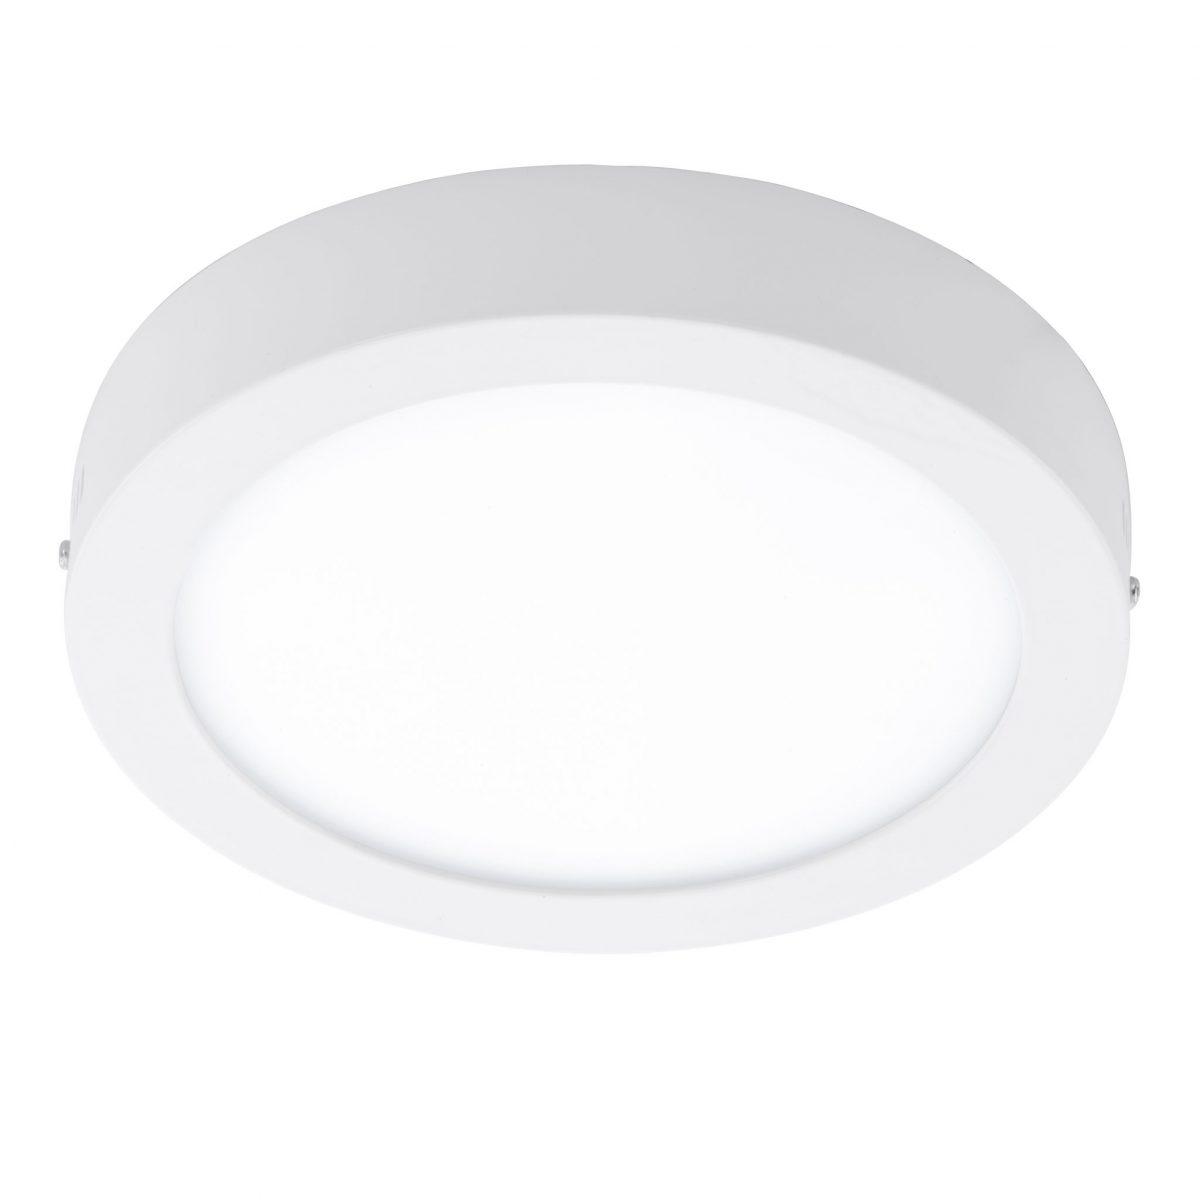 Светильник настенно-потолочный FUEVA 1 EGLO 94075 - Фото №28